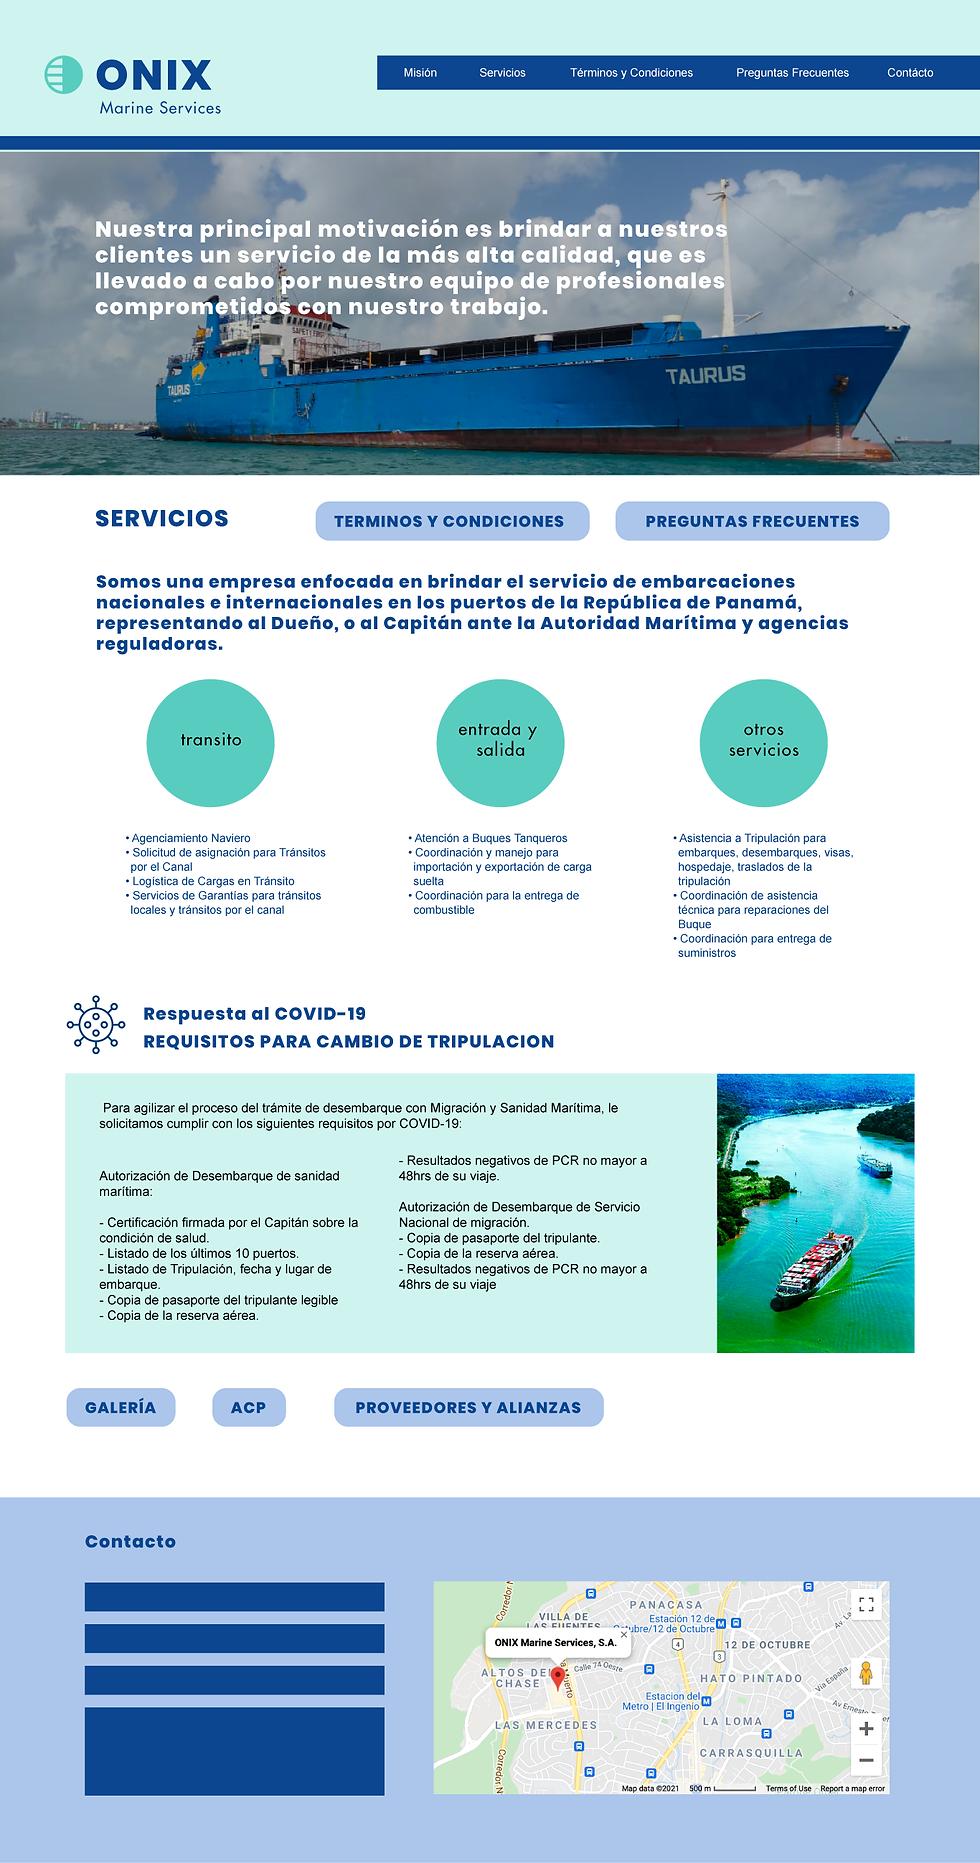 website-design-1.png